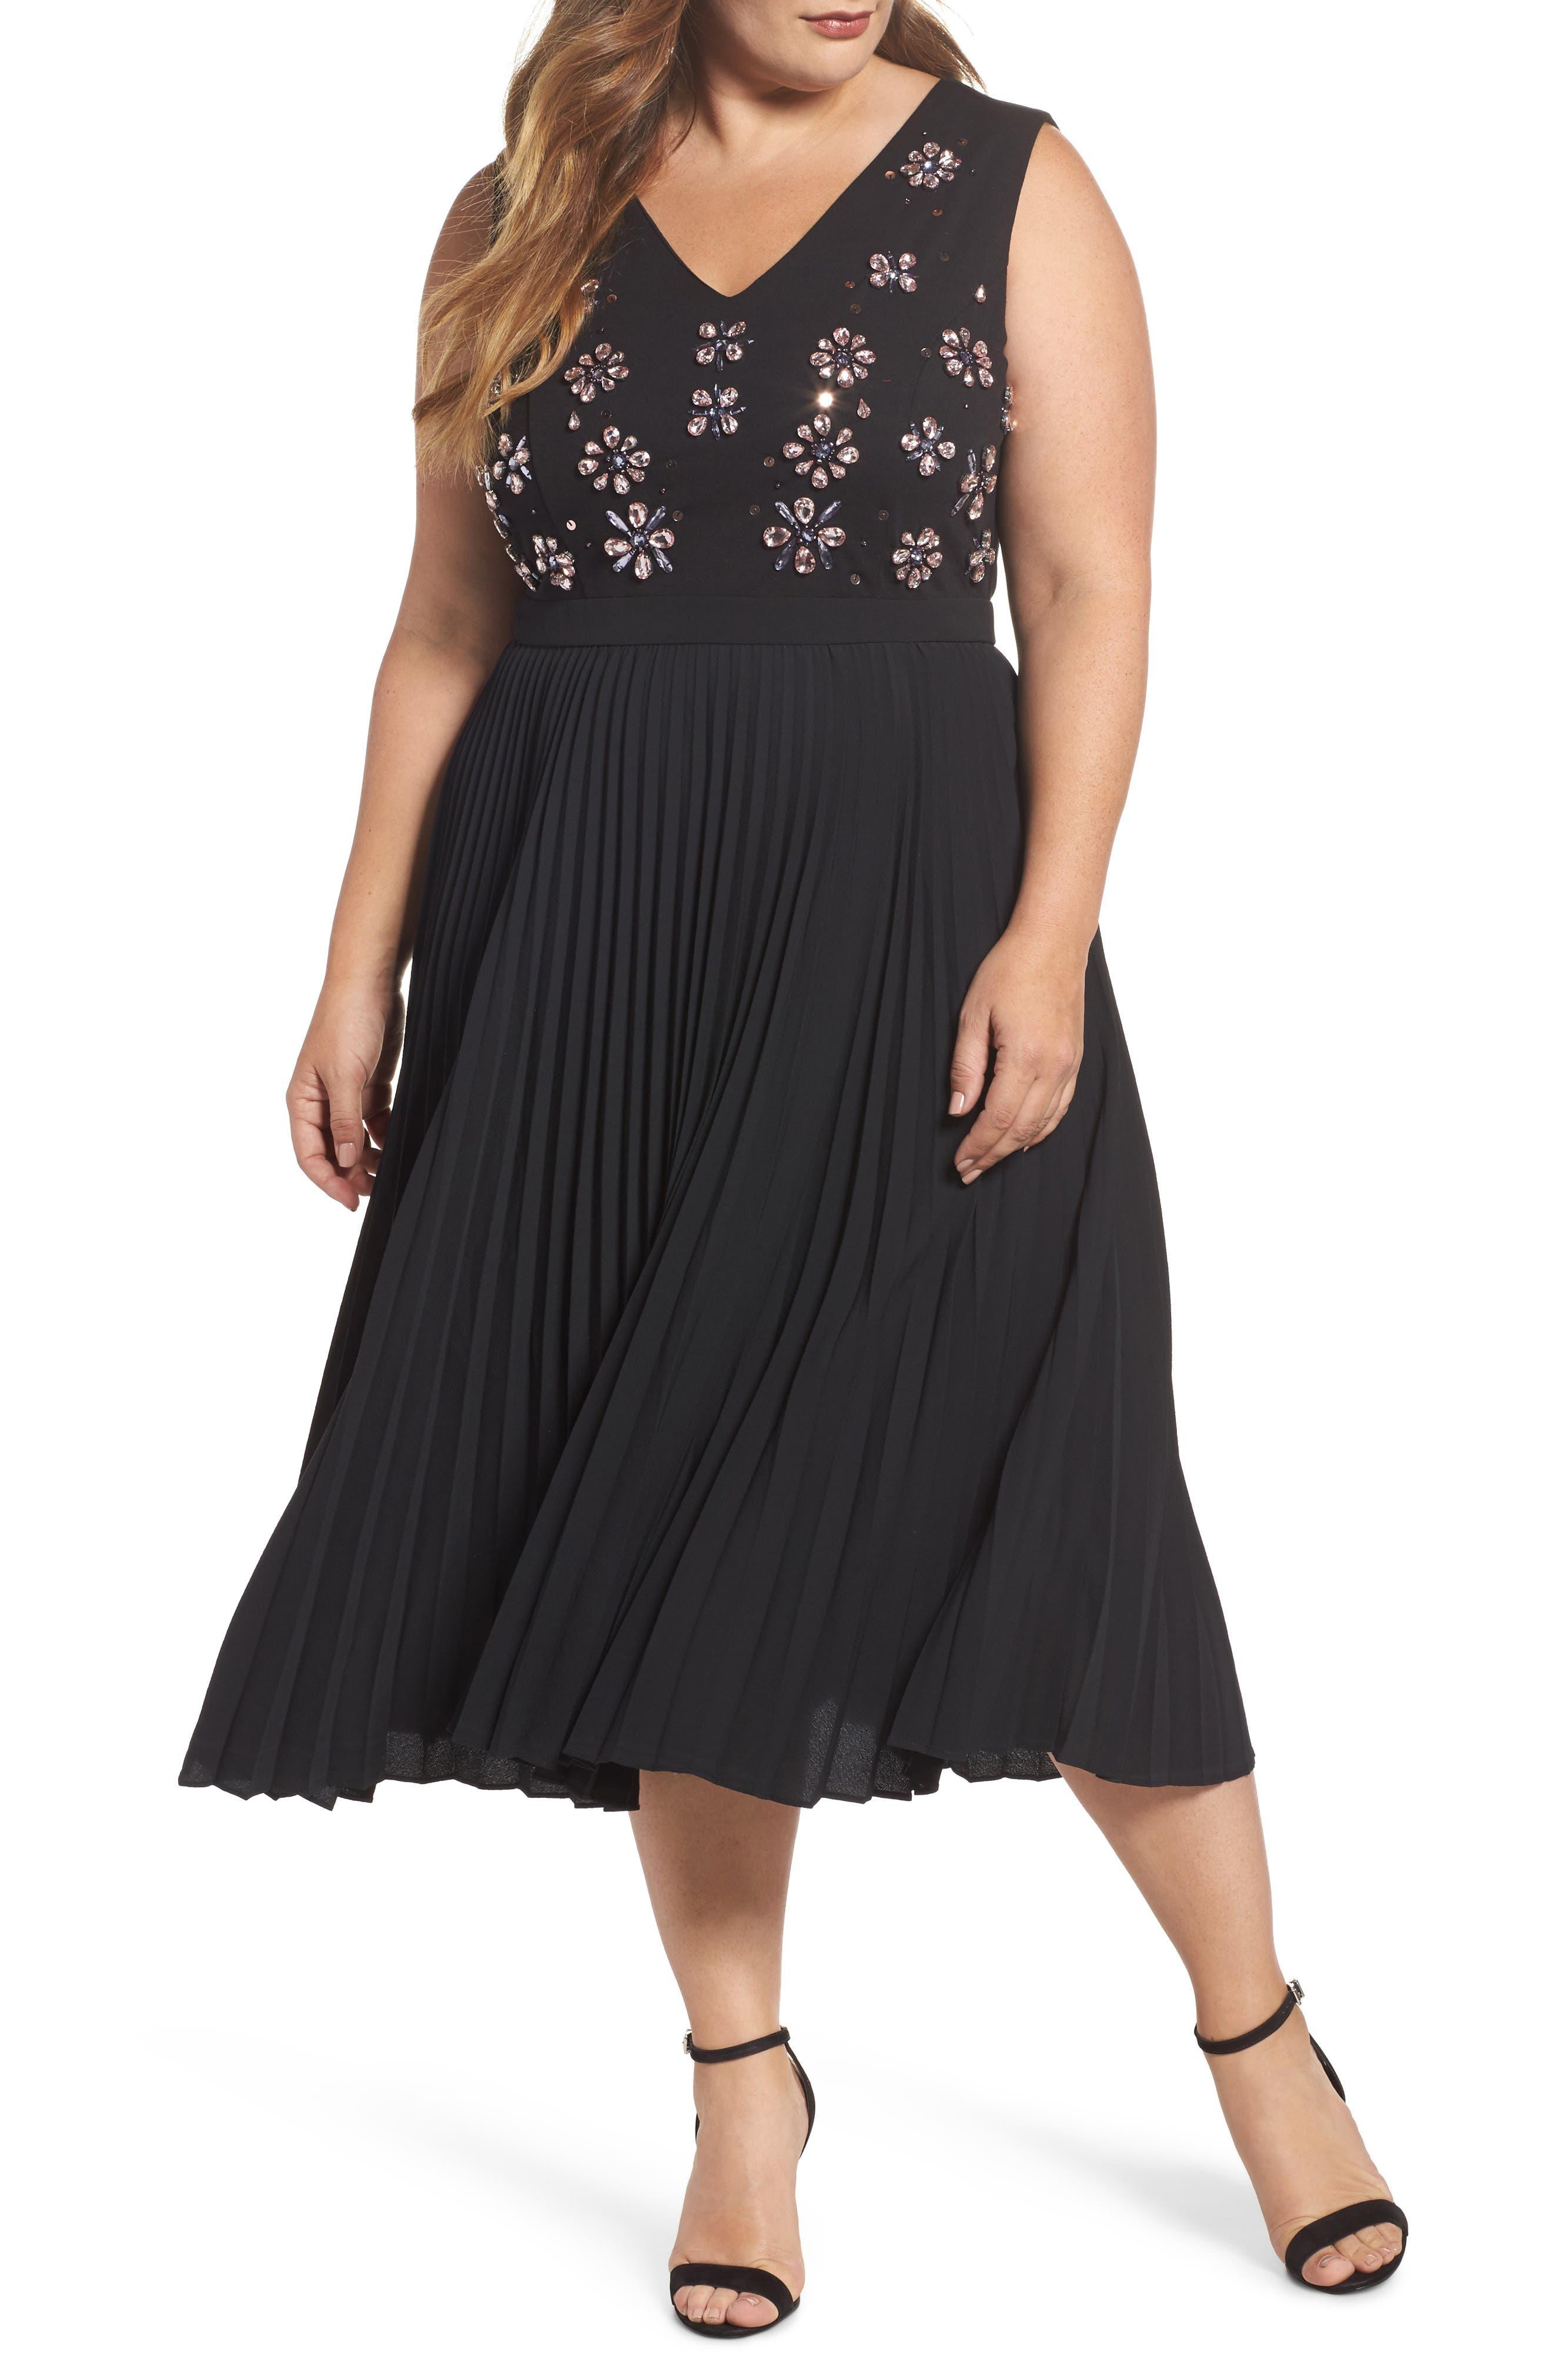 Crystal Flower Embellished Dress,                             Main thumbnail 1, color,                             Black